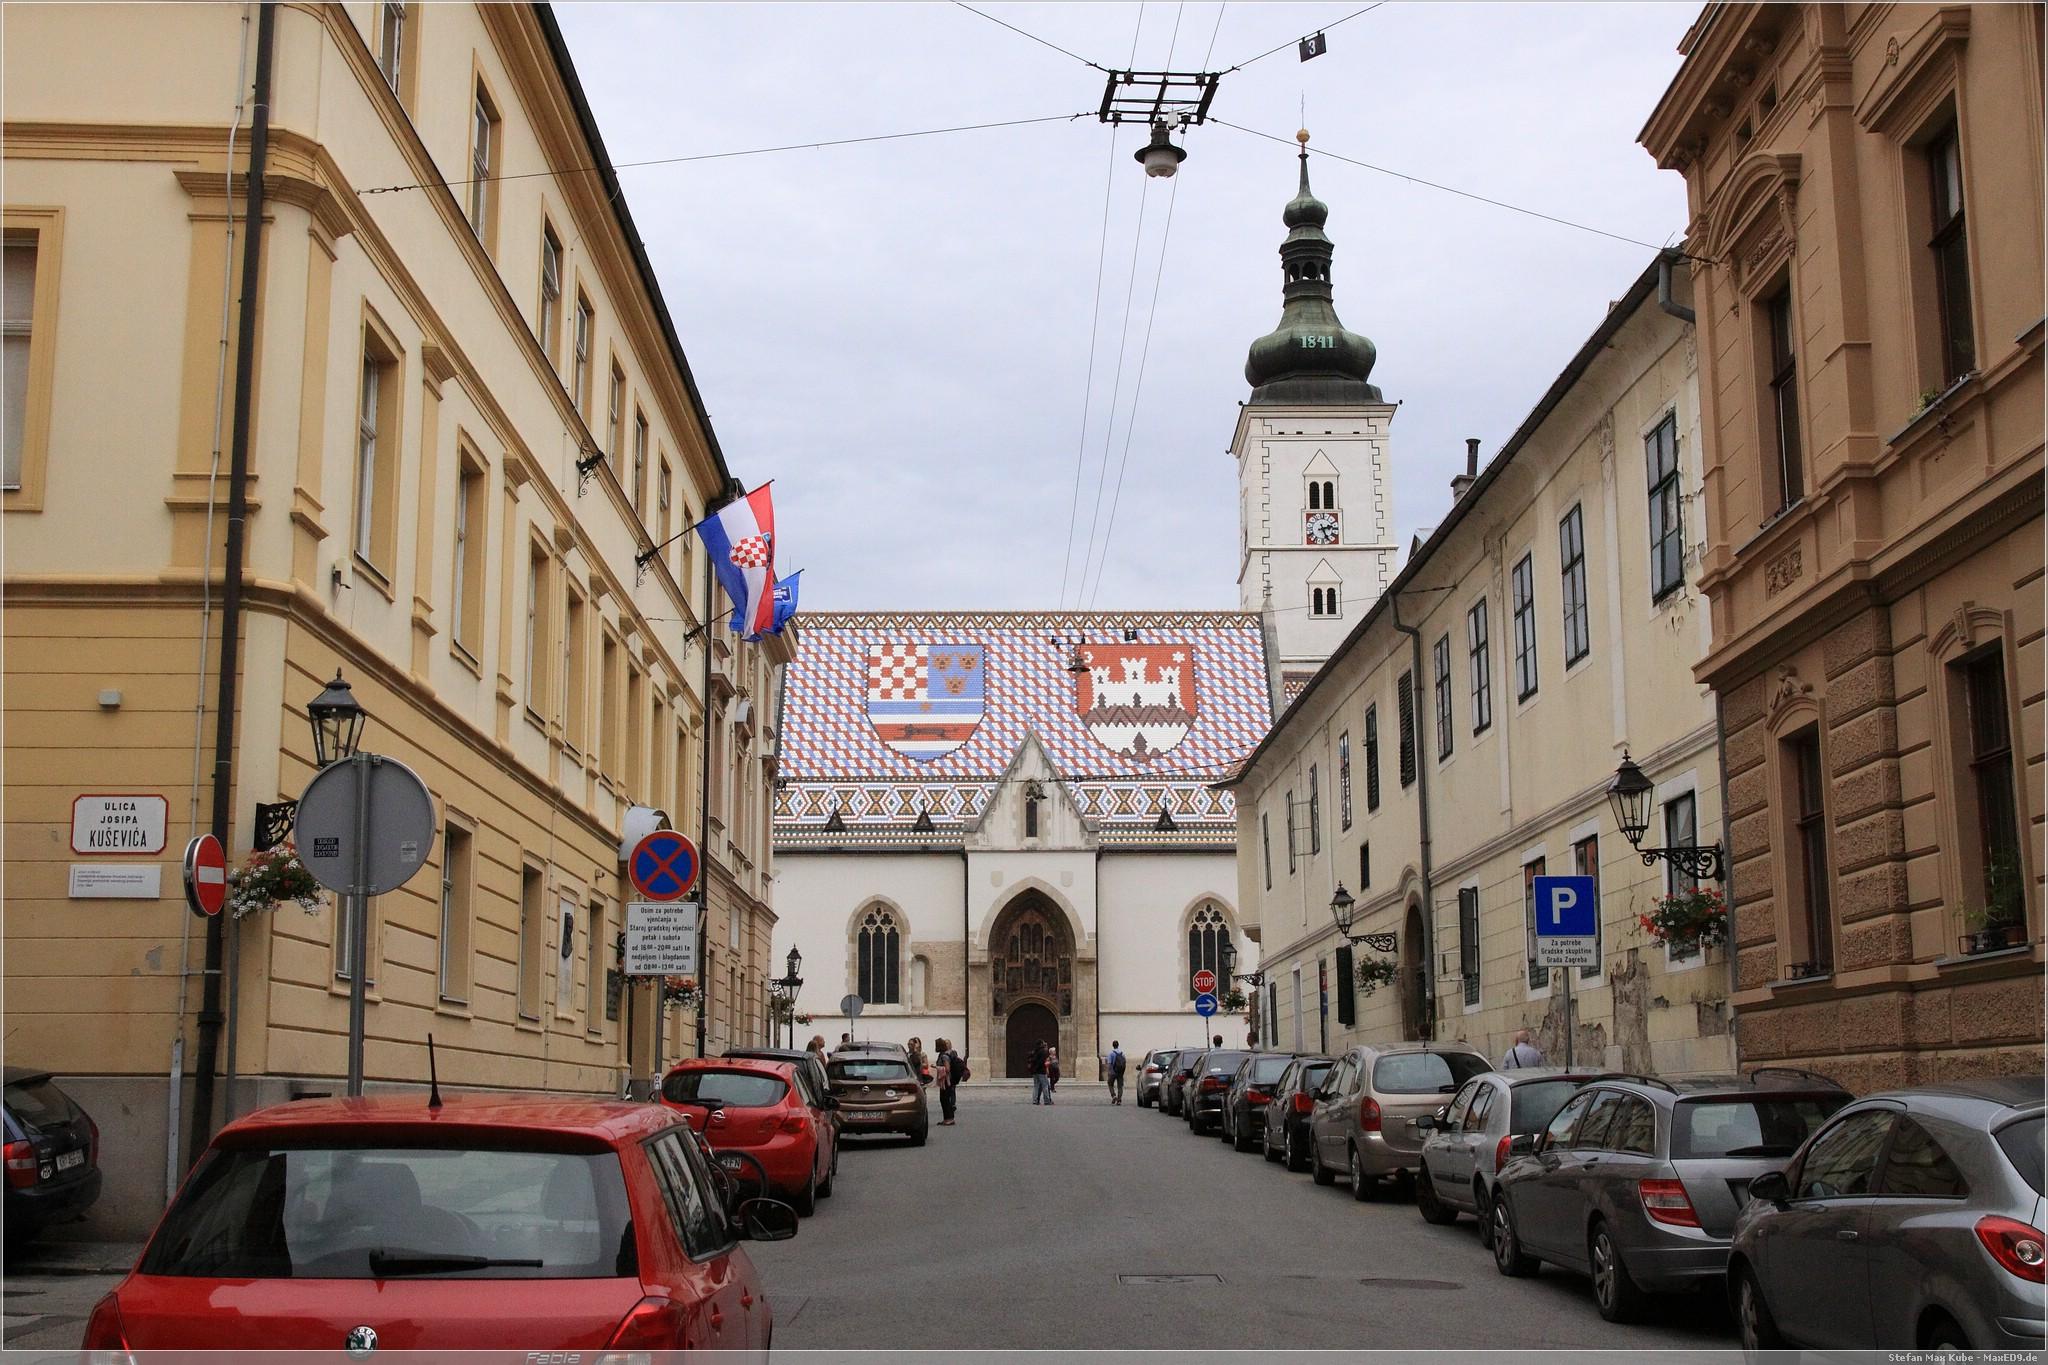 St. Mark's Kirche